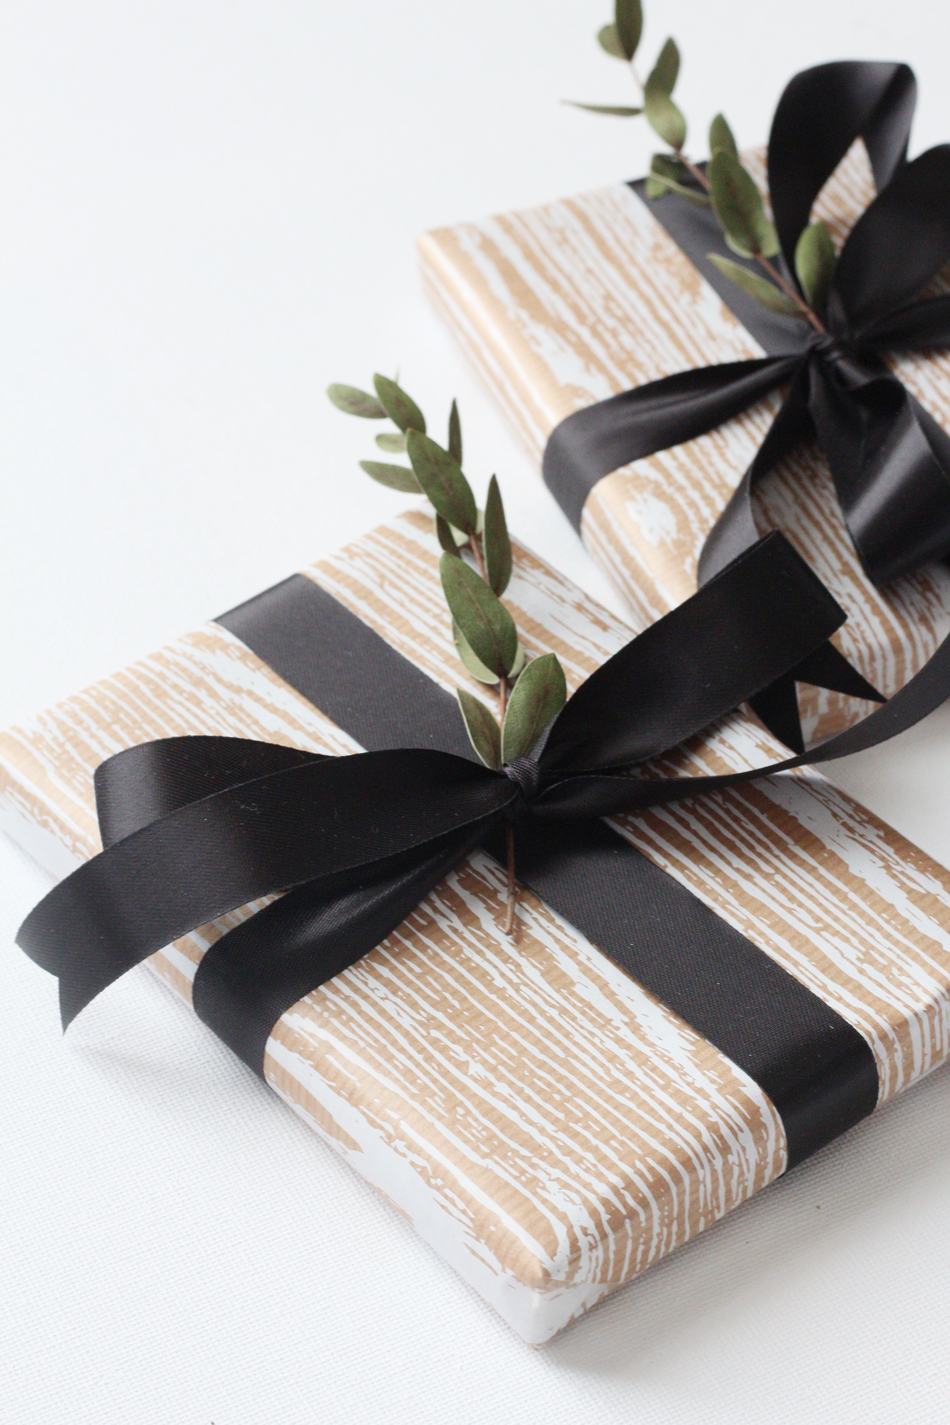 Fringe and Doll Christmas gift wrap idea IMG_9601